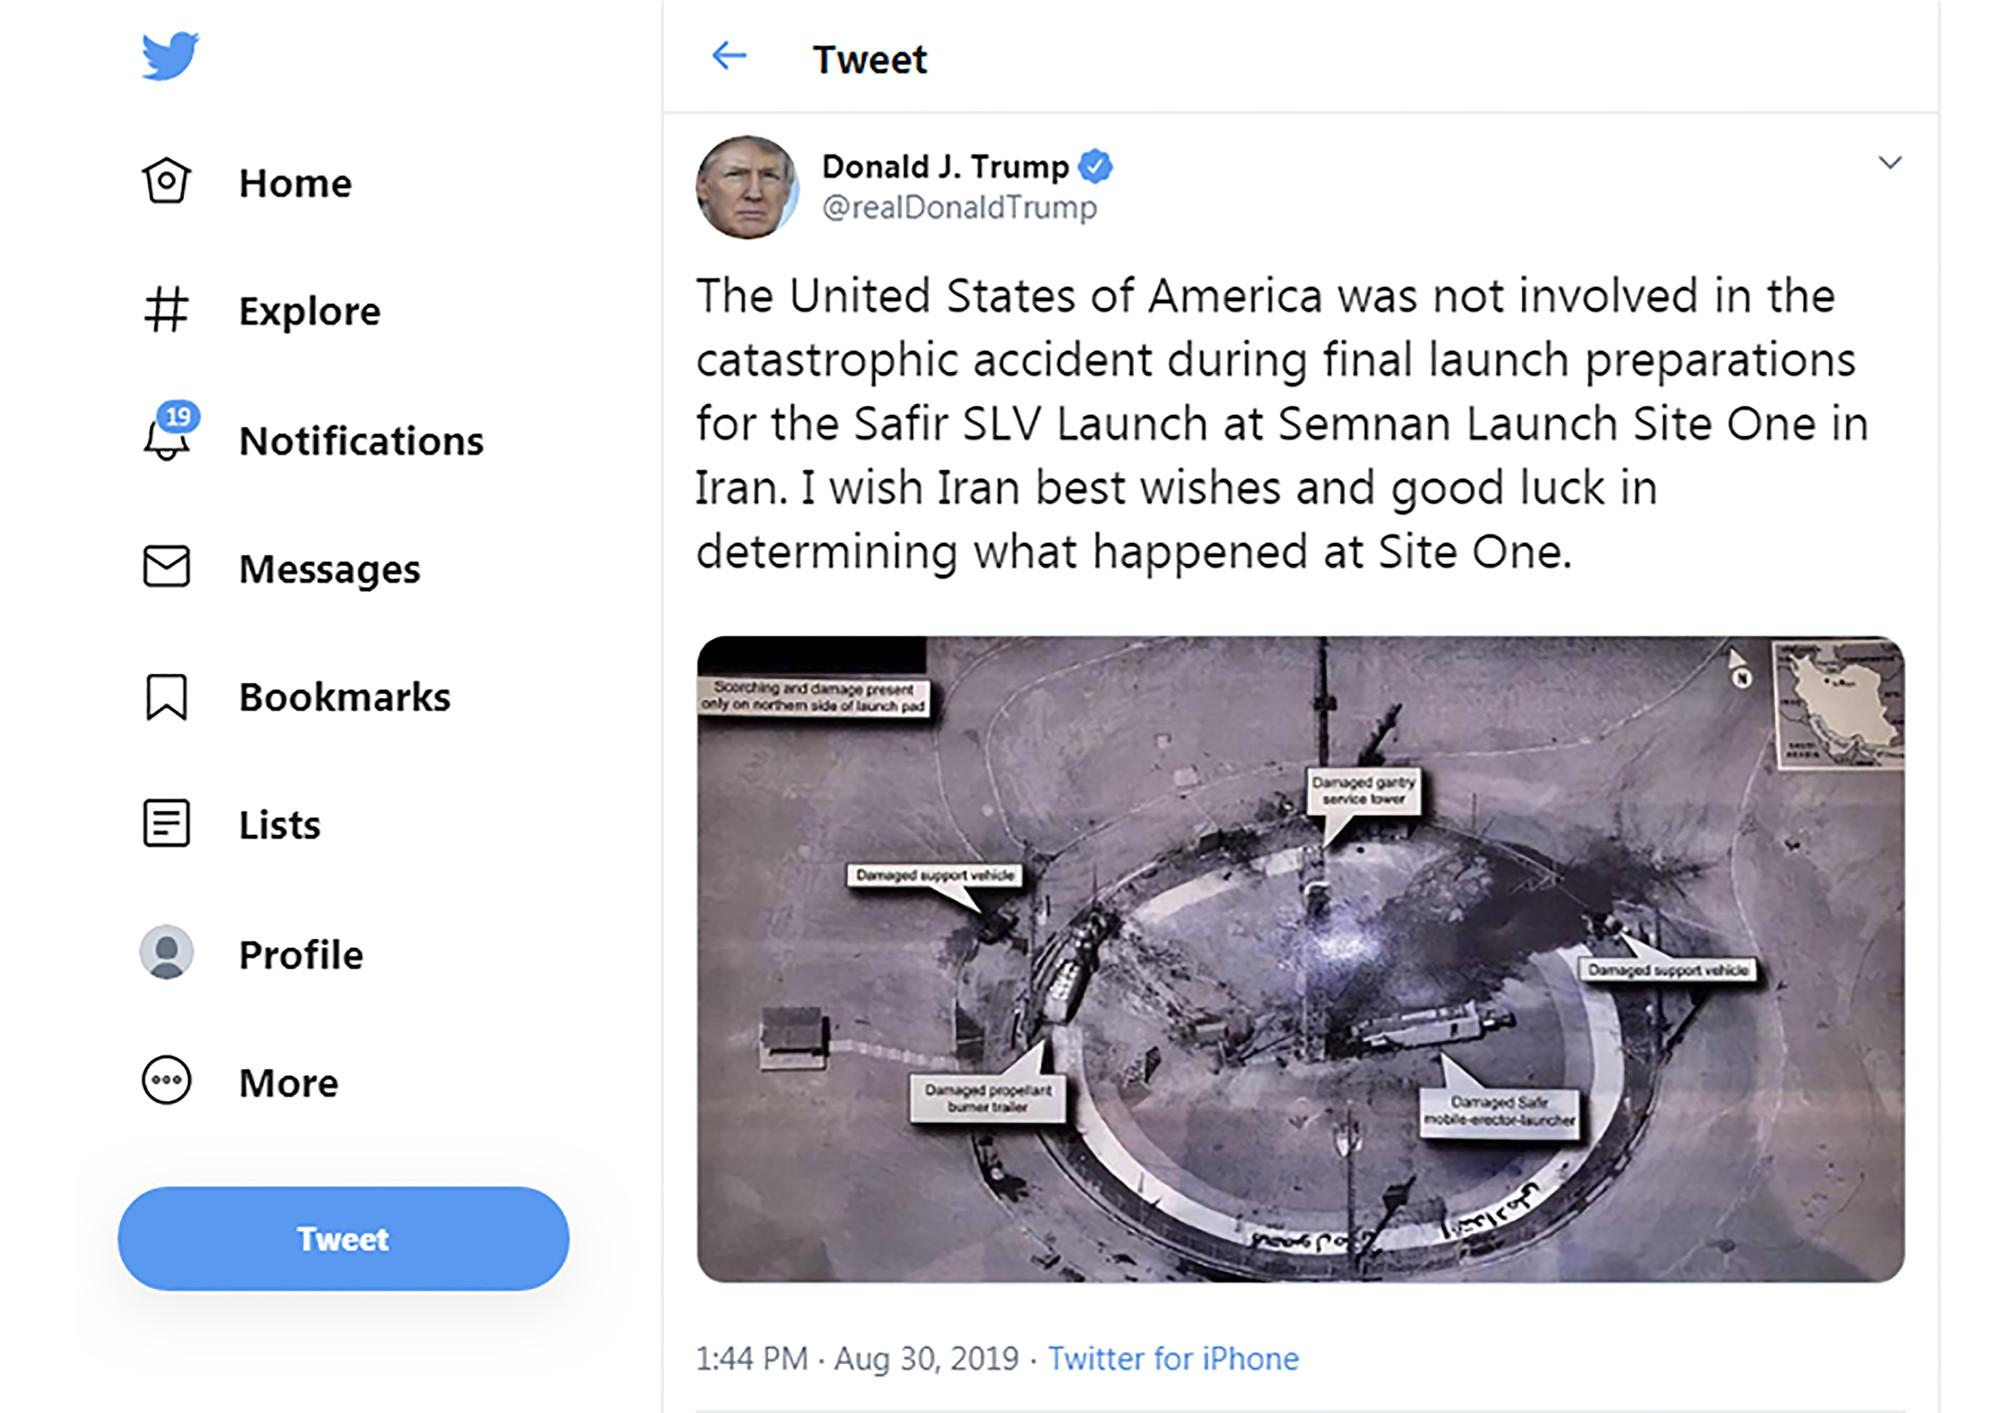 伊朗火箭發射失敗 特朗普一張照片釋何信號